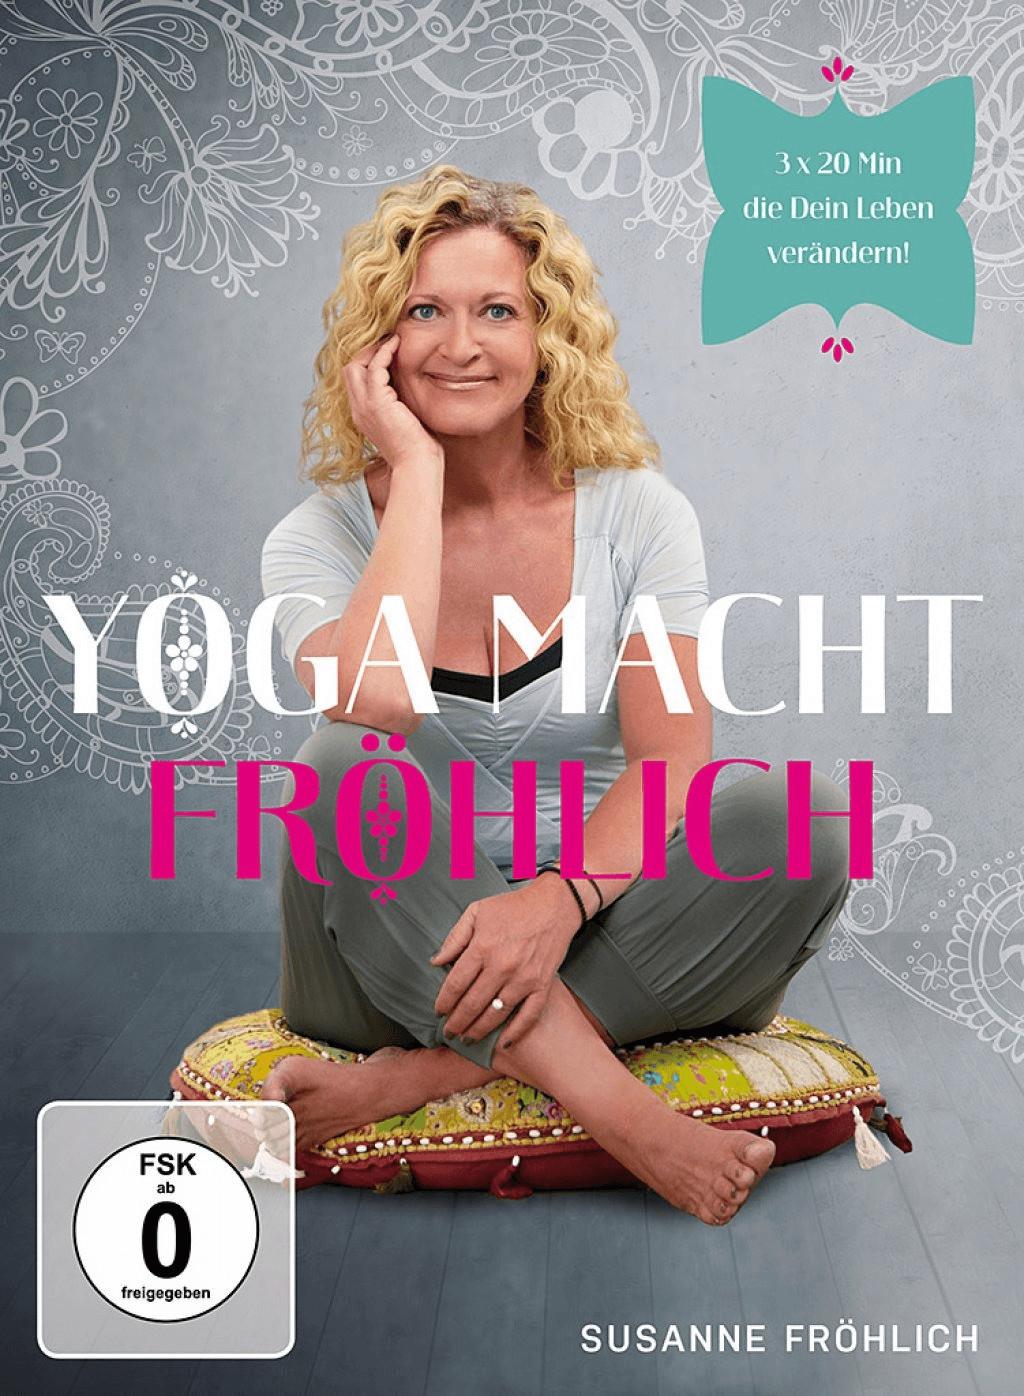 #Susanne Fröhlich – Yoga macht Fröhlich [DVD]#